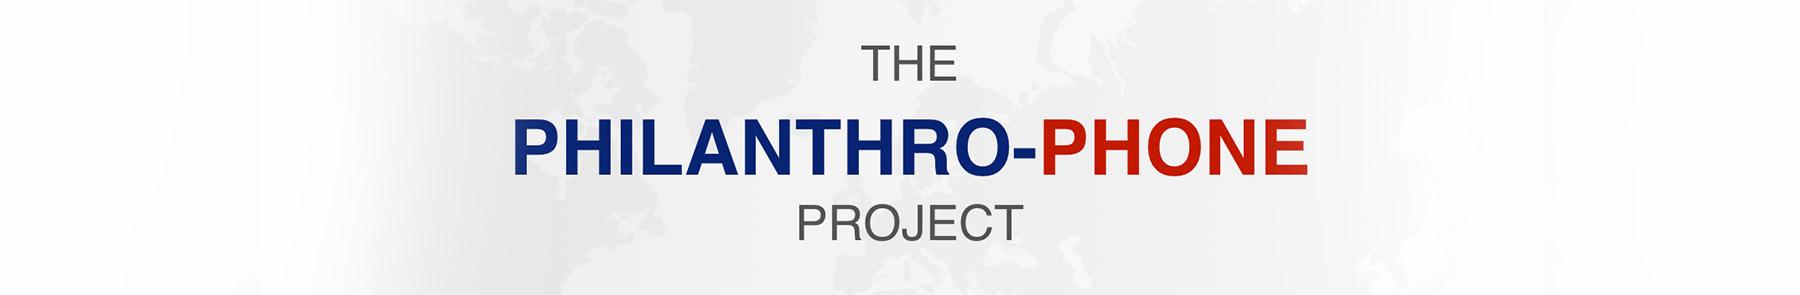 masthead-philanthro